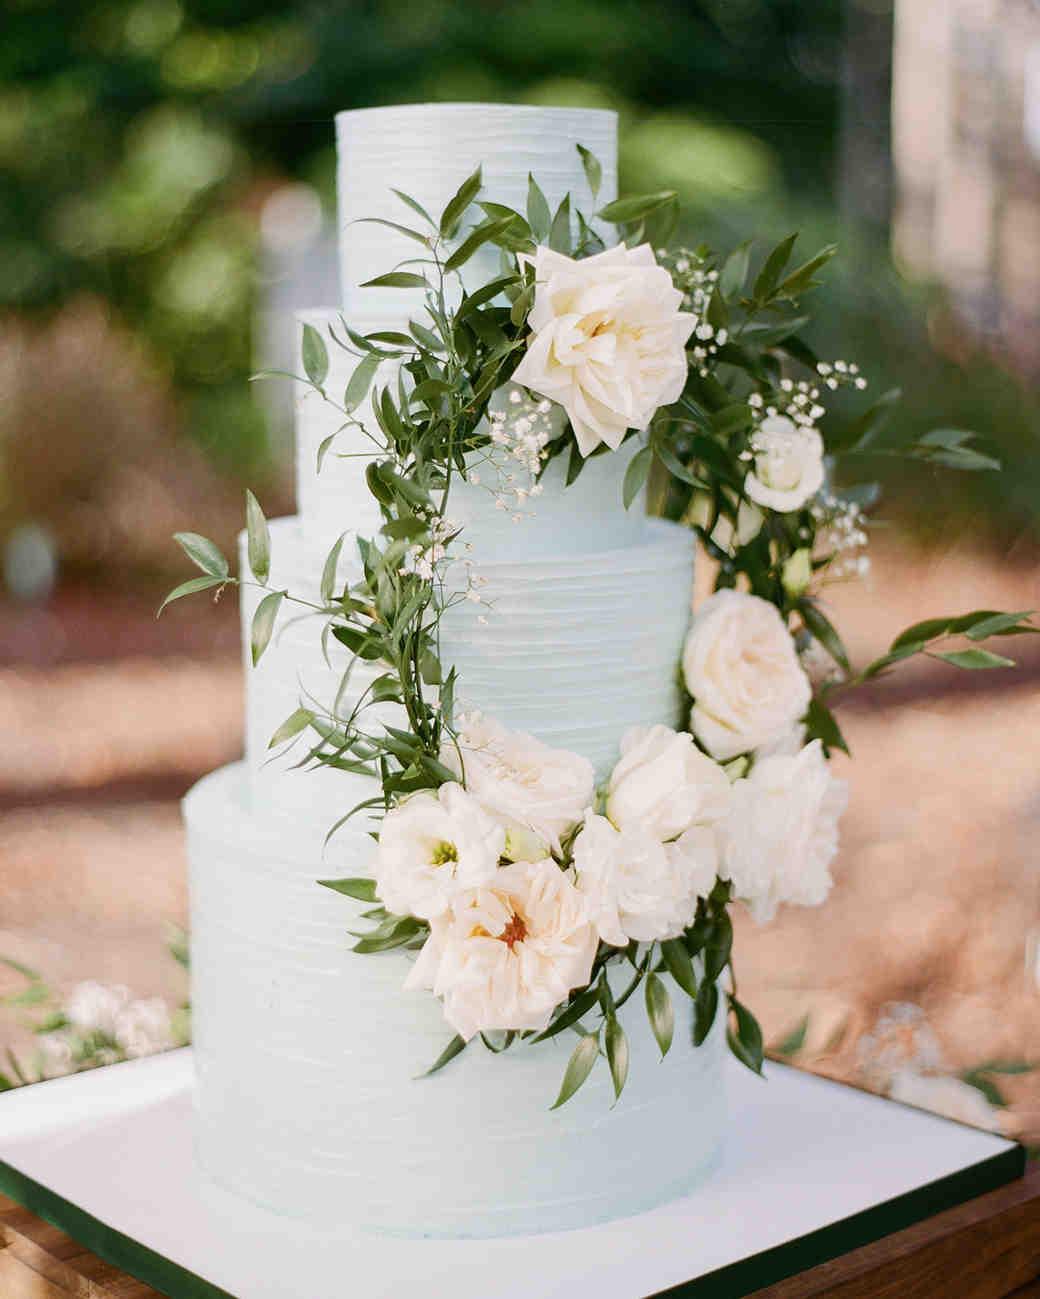 wedding wreath on wedding cake